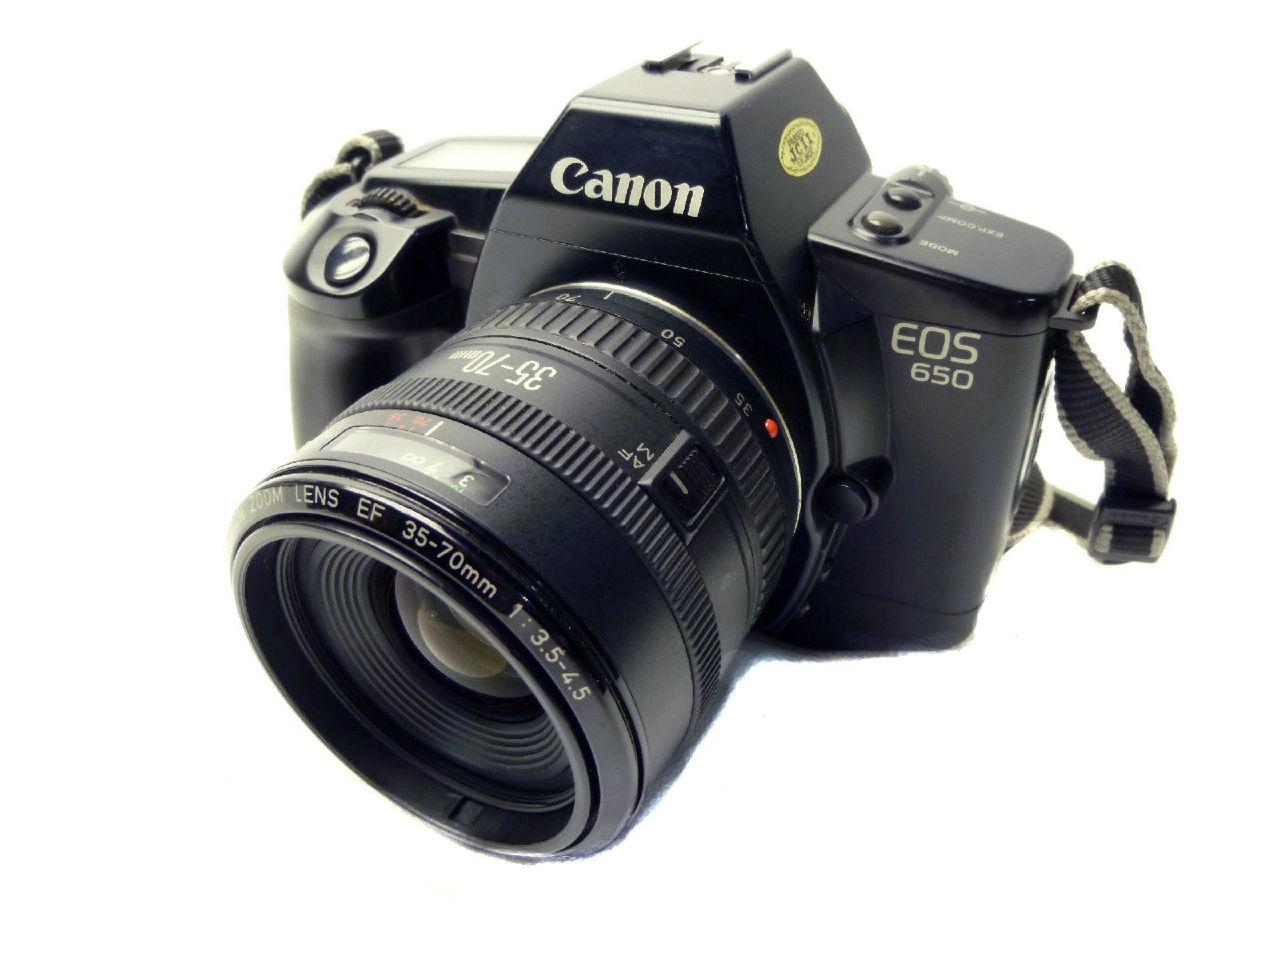 canon eos 650 af 35mm film slr body canon zoom lens ef 35. Black Bedroom Furniture Sets. Home Design Ideas